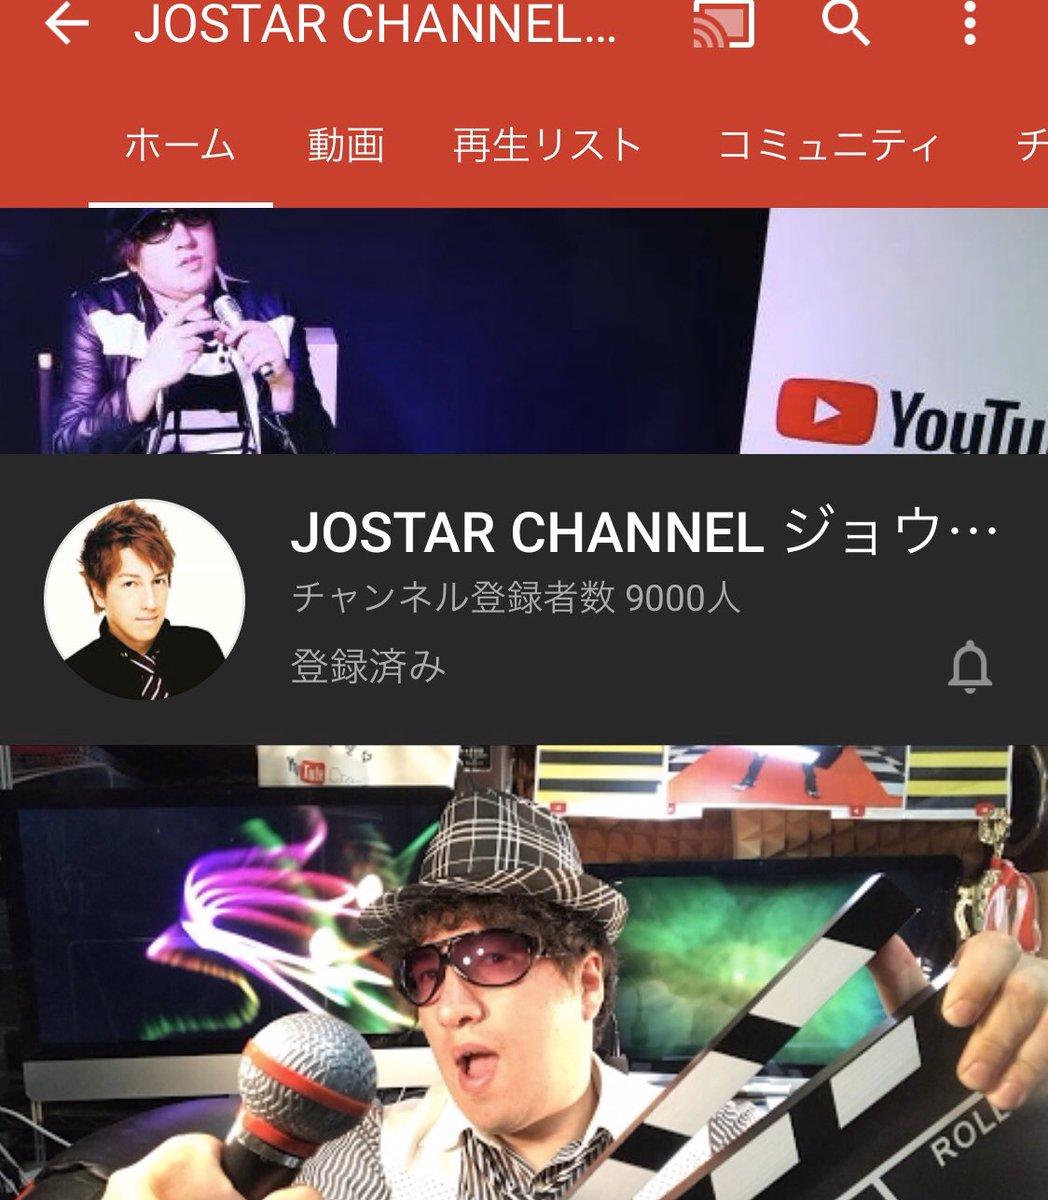 ツイッター Jostar